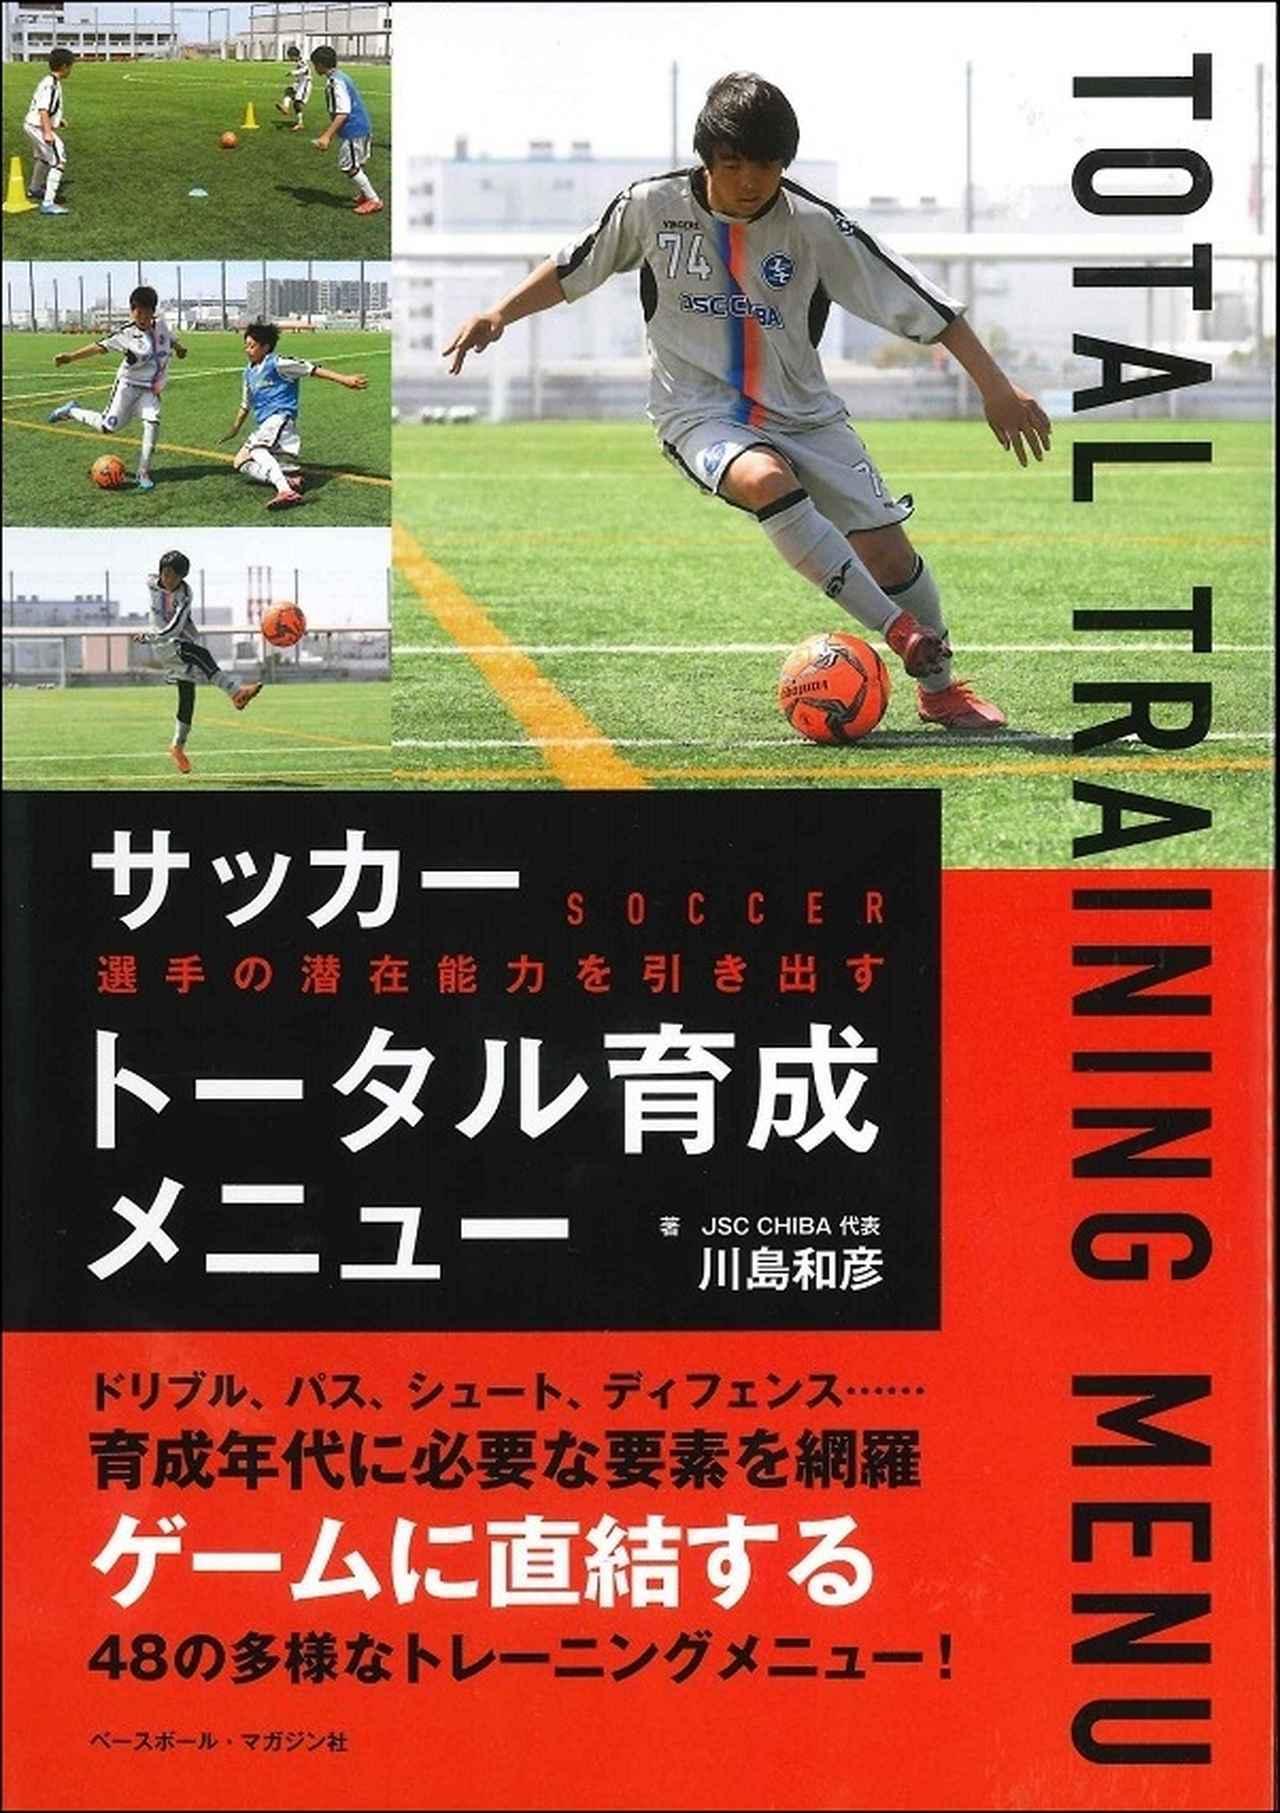 画像: サッカー 選手の潜在能力を引き出すトータル育成メニュー  川島和彦/著(JSC CHIBA代表)   BBMスポーツ   ベースボール・マガジン社